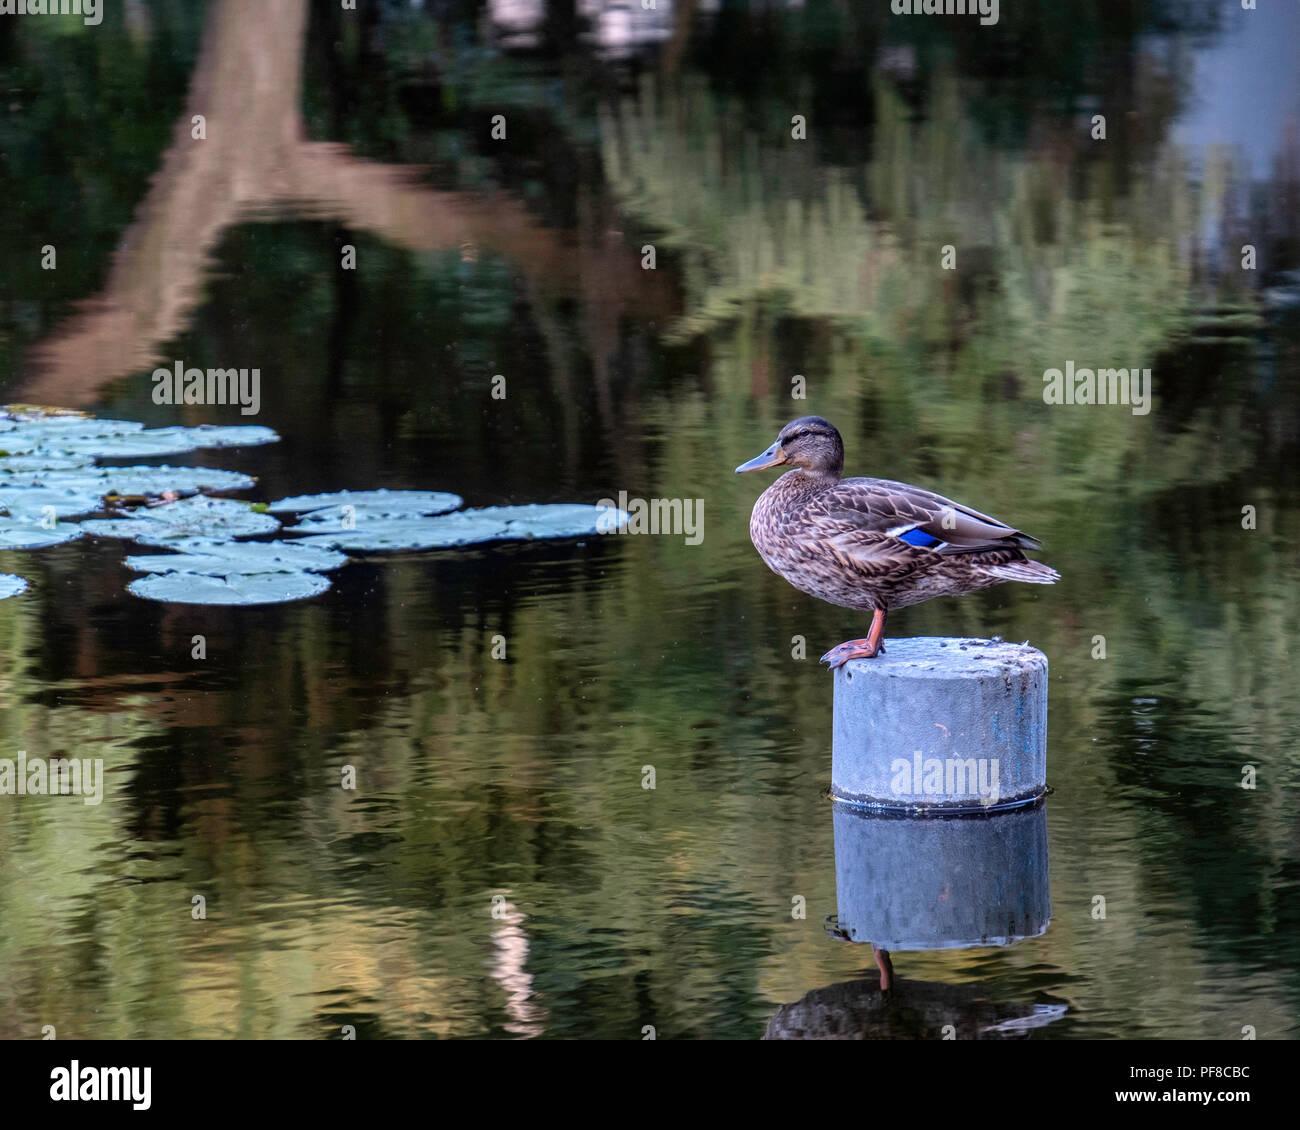 Berlin,Mitte, Volkspark am Weinbergsweg. Female Mallard duck, Anas Platyrhynchos, perches in a tranquil pond - Stock Image